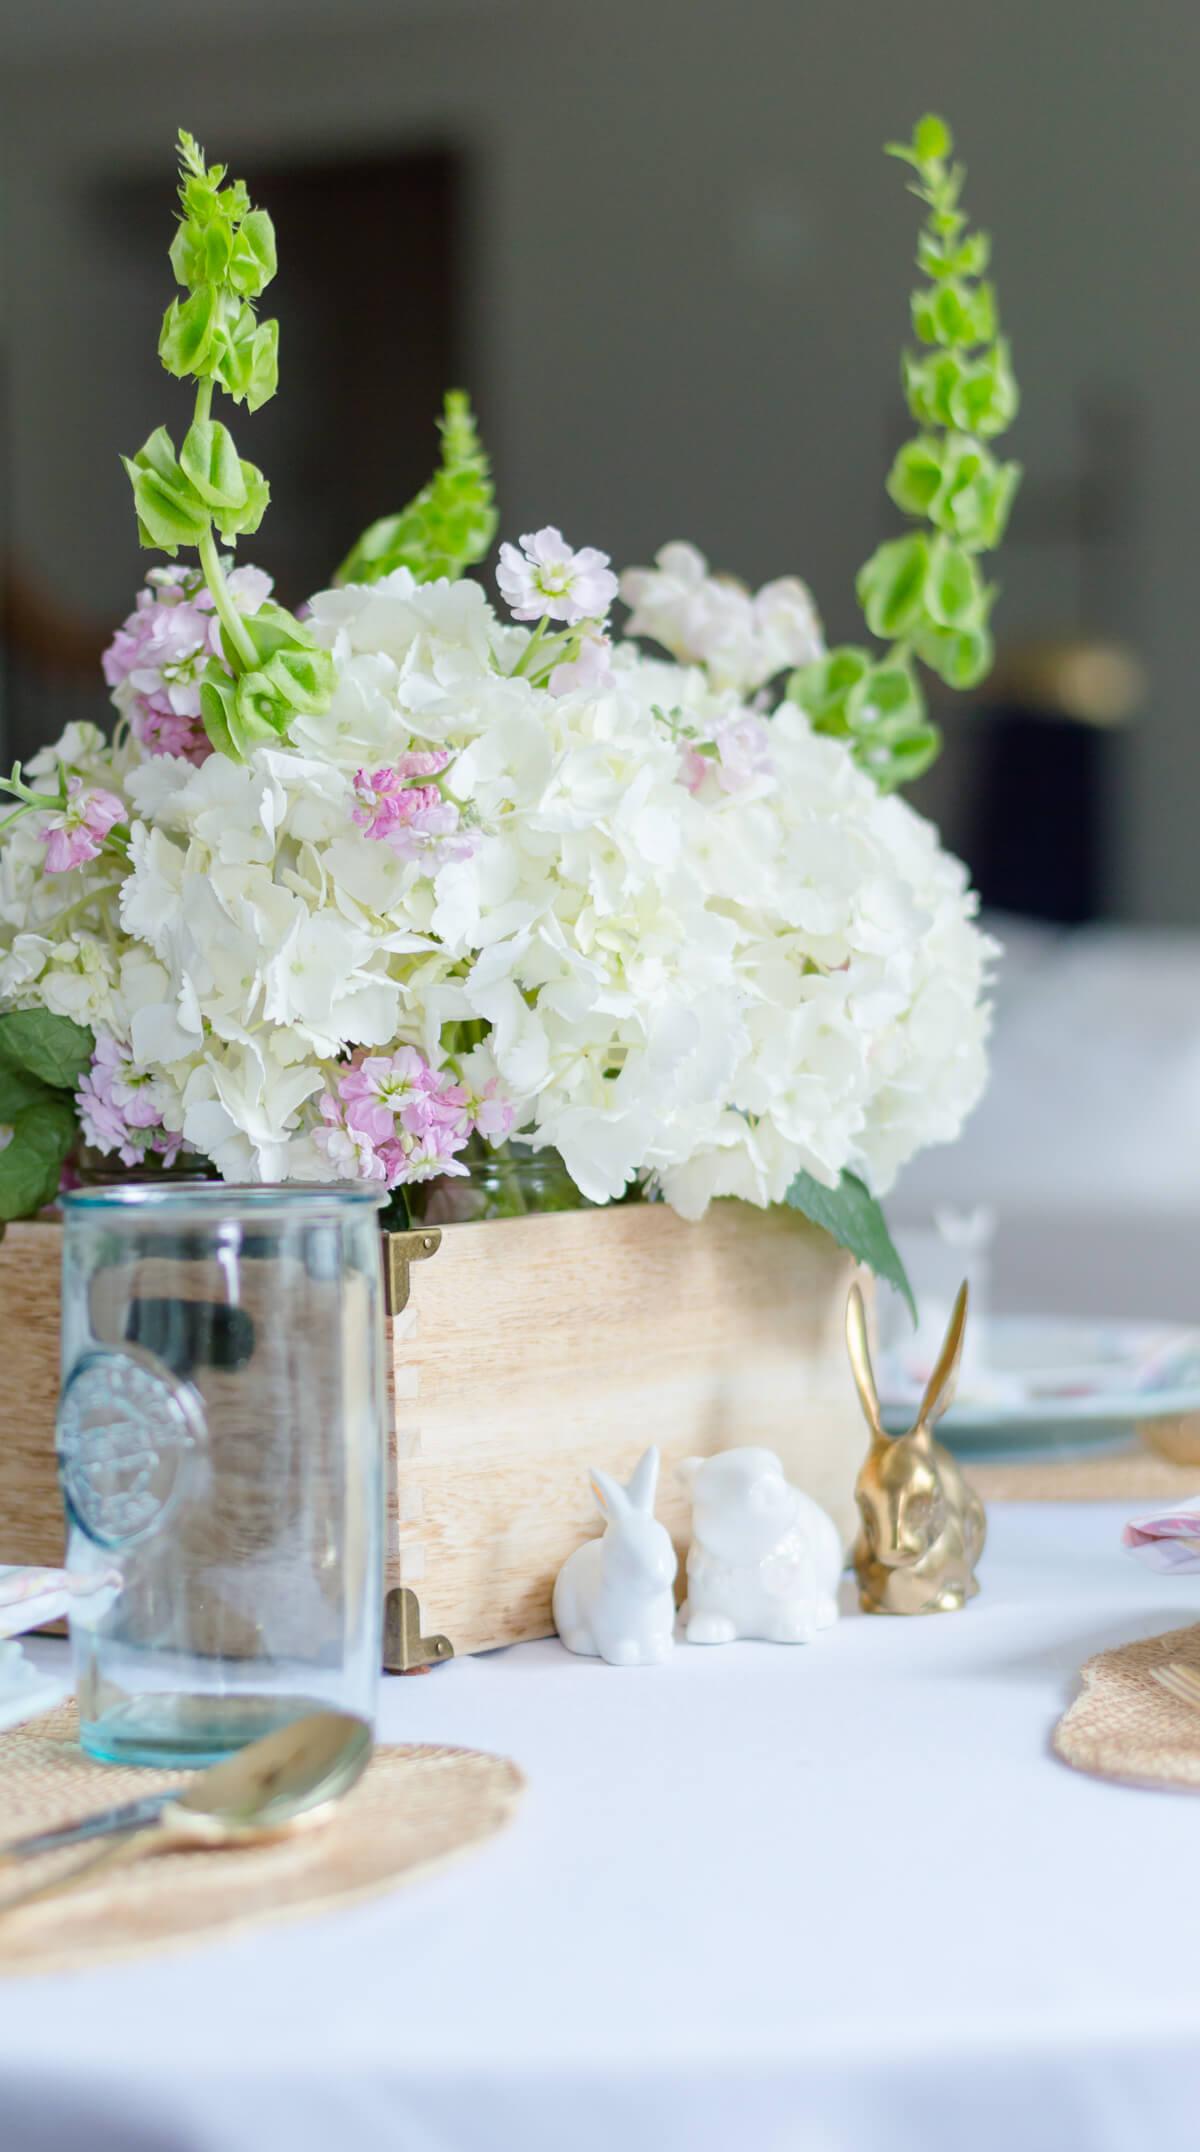 Hydrangea spring flower arrangement centerpiece